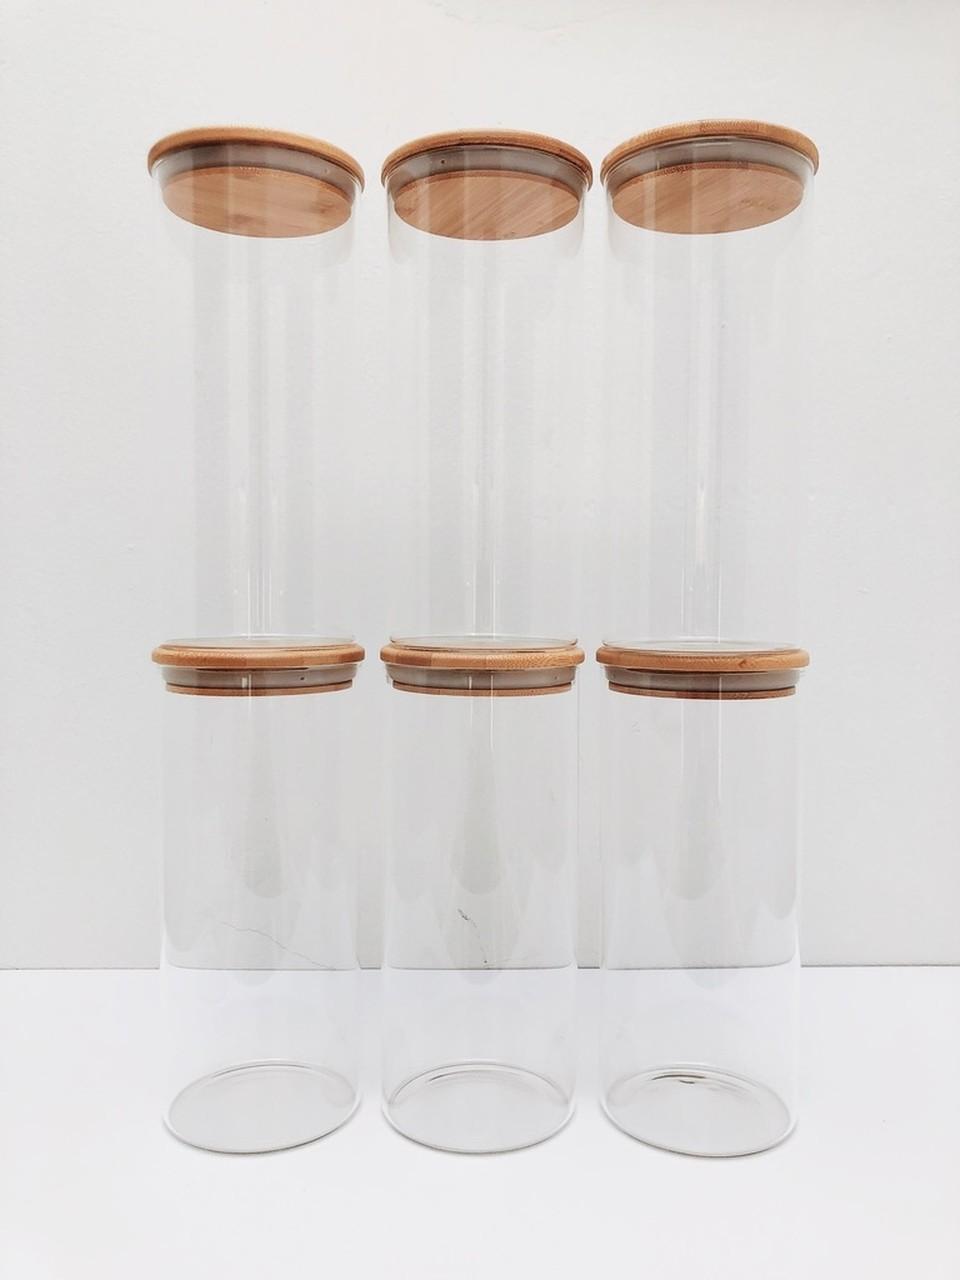 Kit Pote de Vidro com Tampa de Bambu 1650ml - 6 Peças  - CASACOBRE